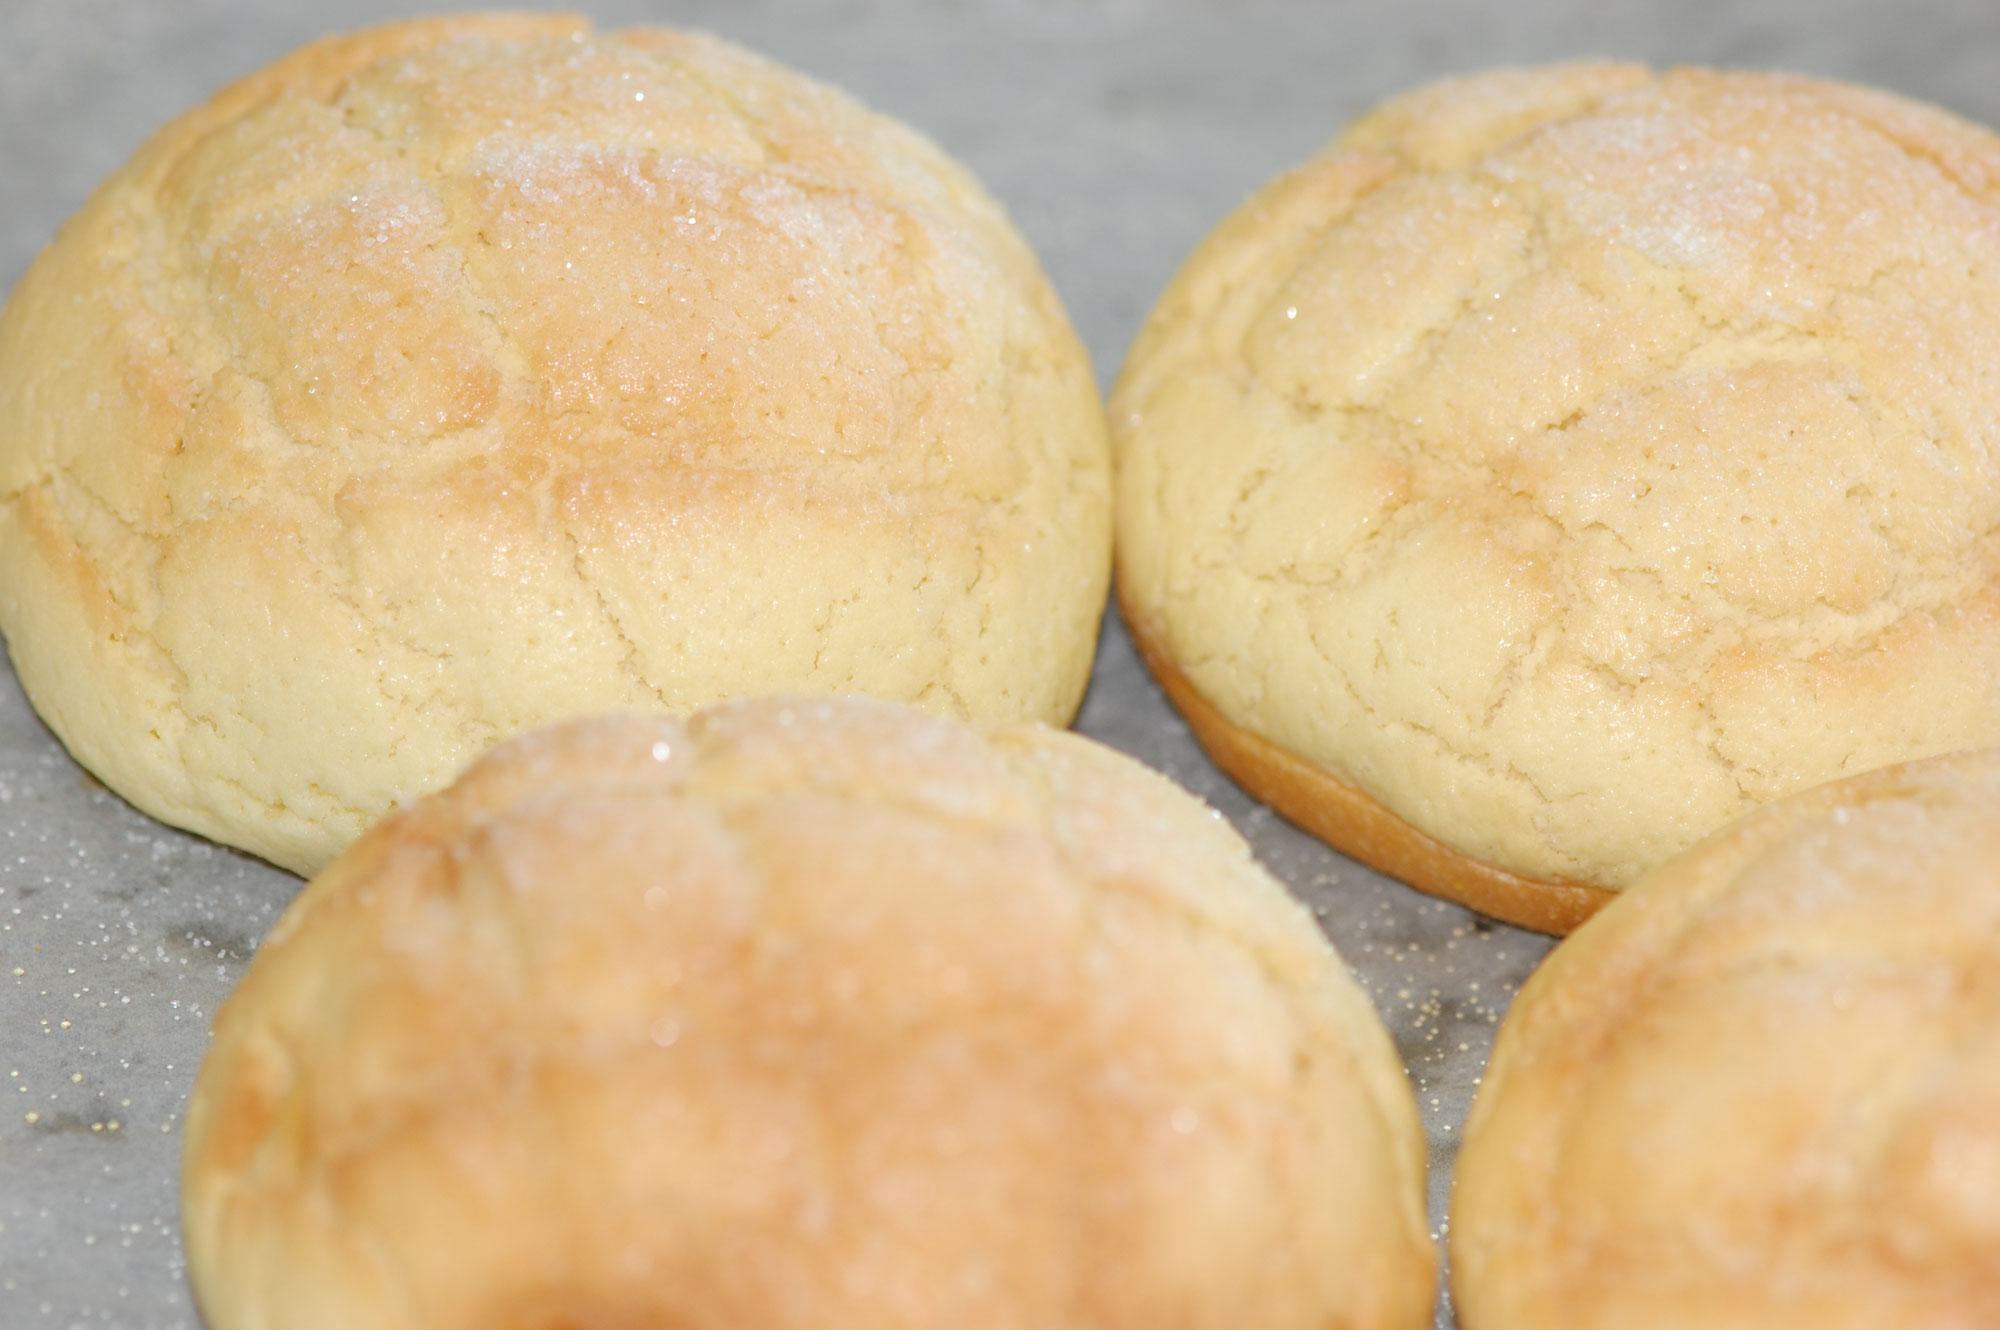 製パン実習